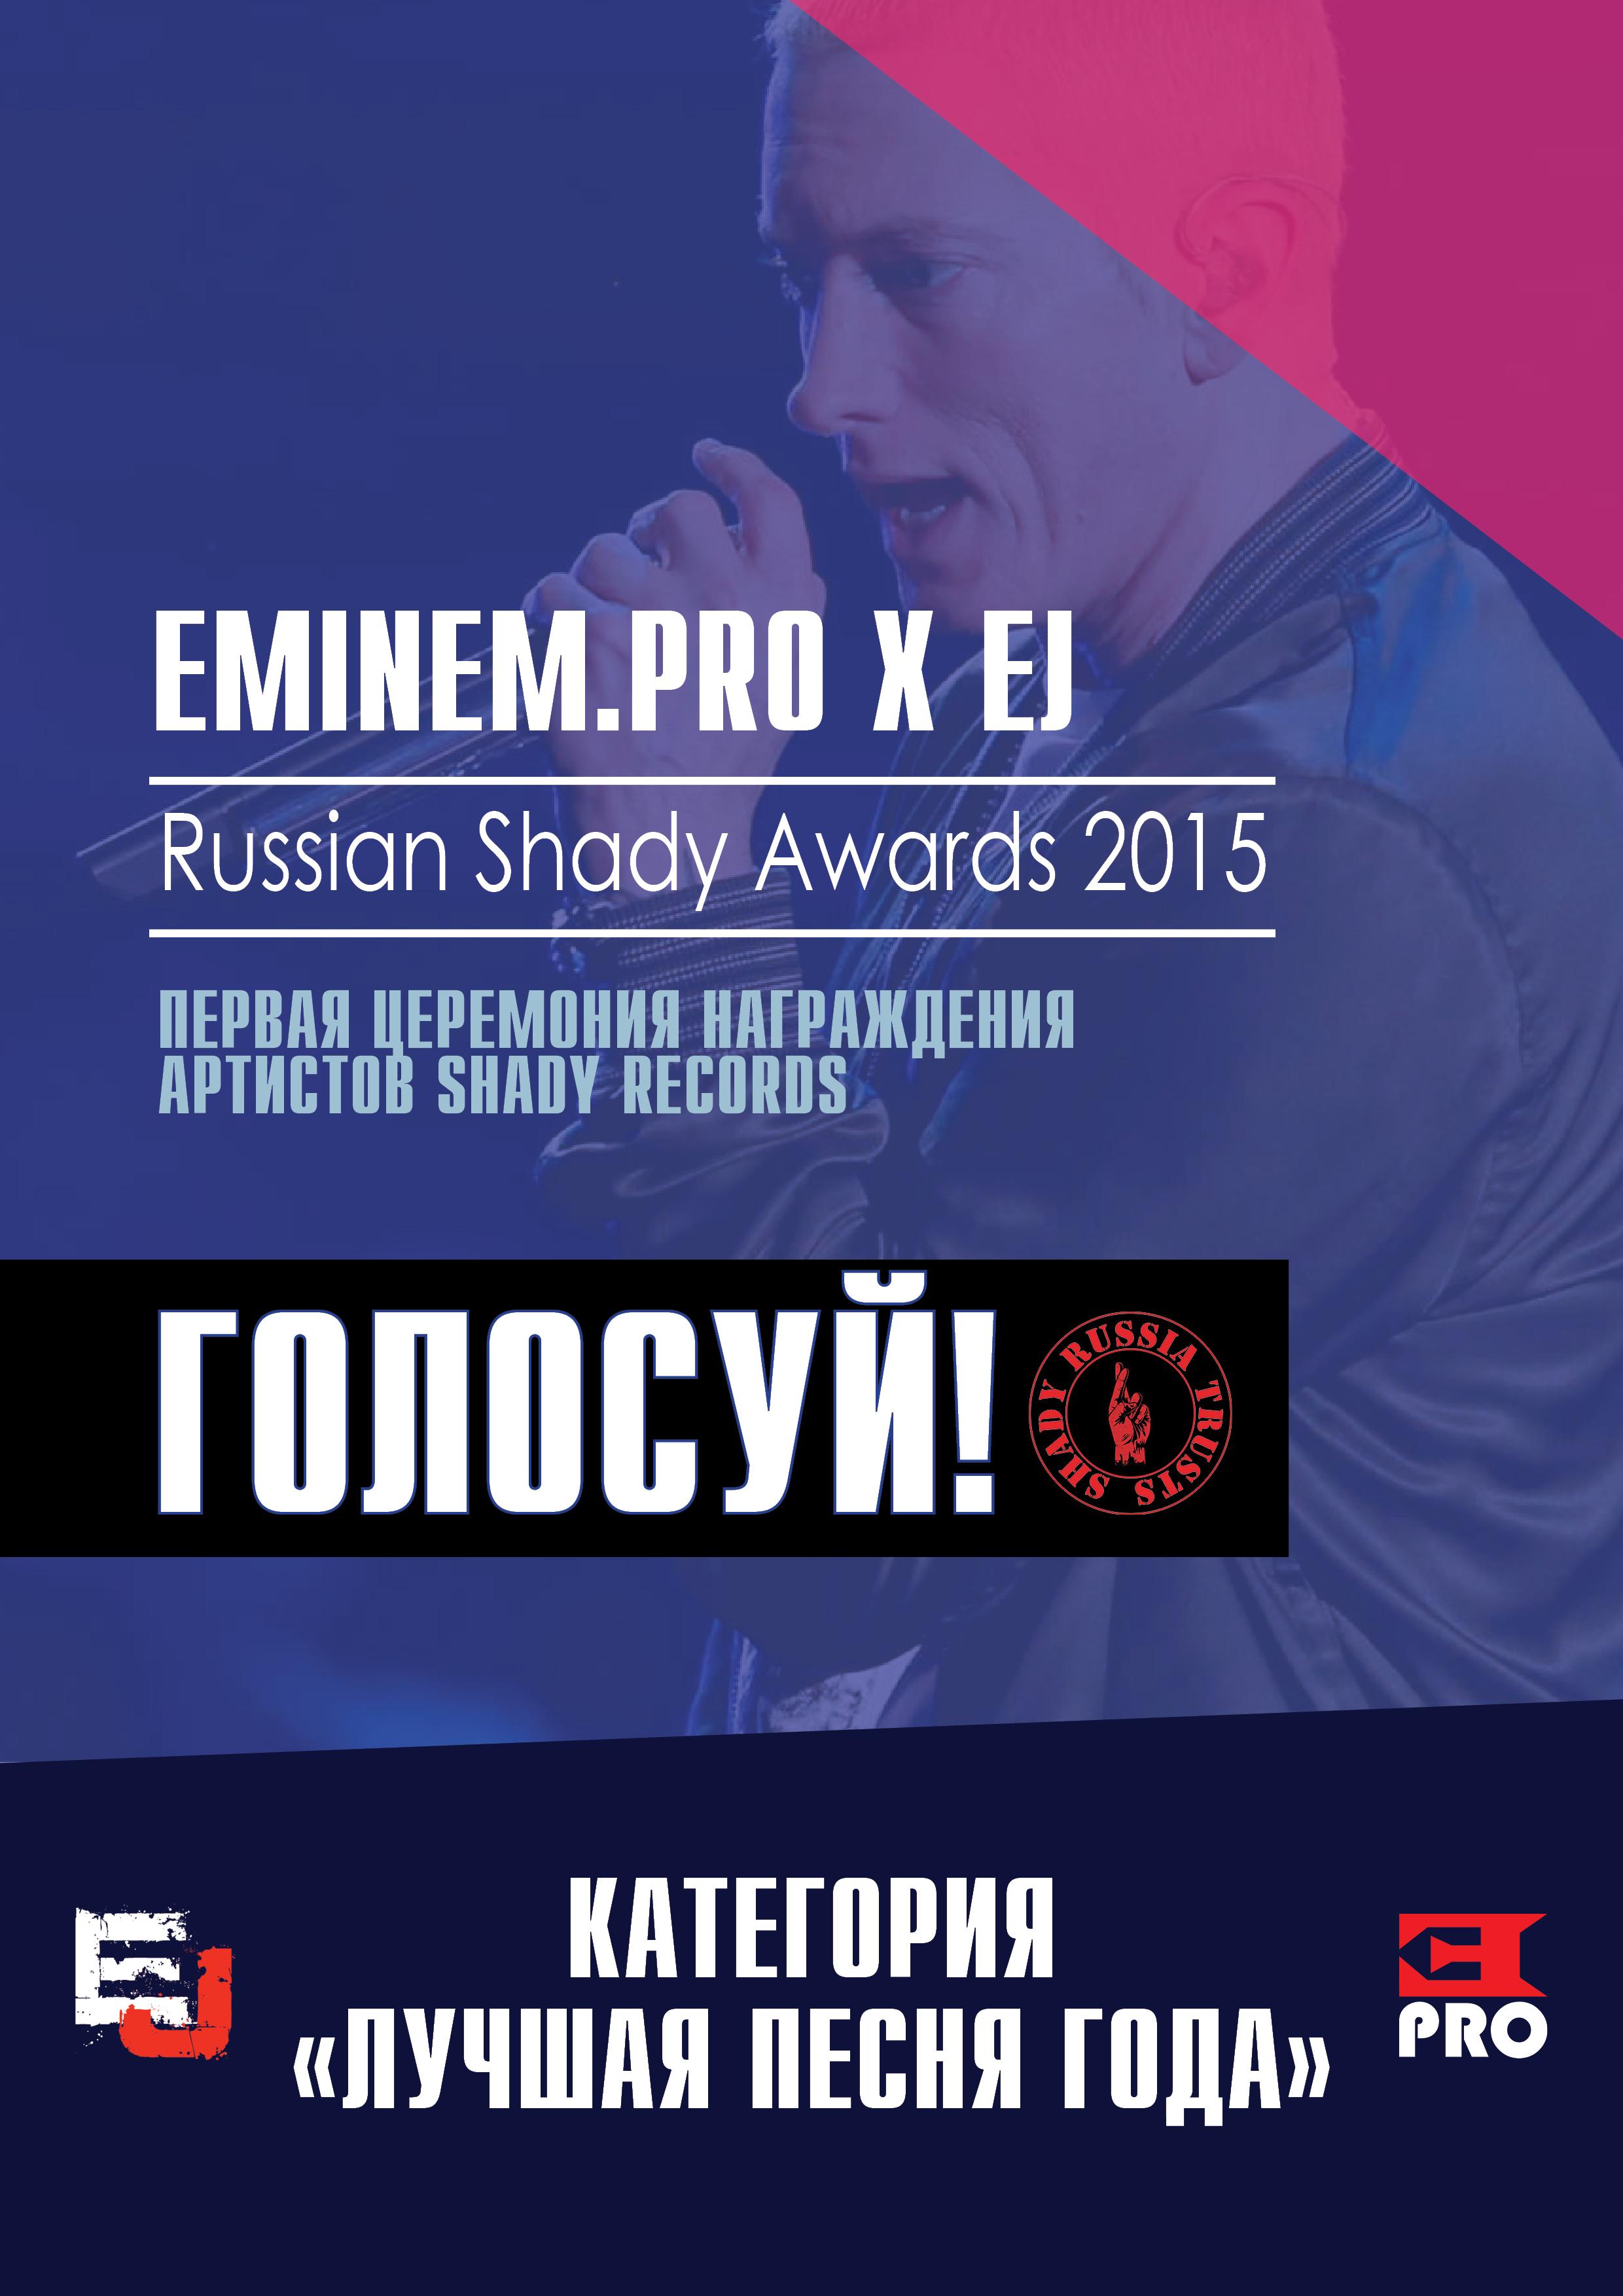 Russian Shady Awards 2015: Голосование за лучшую песню года